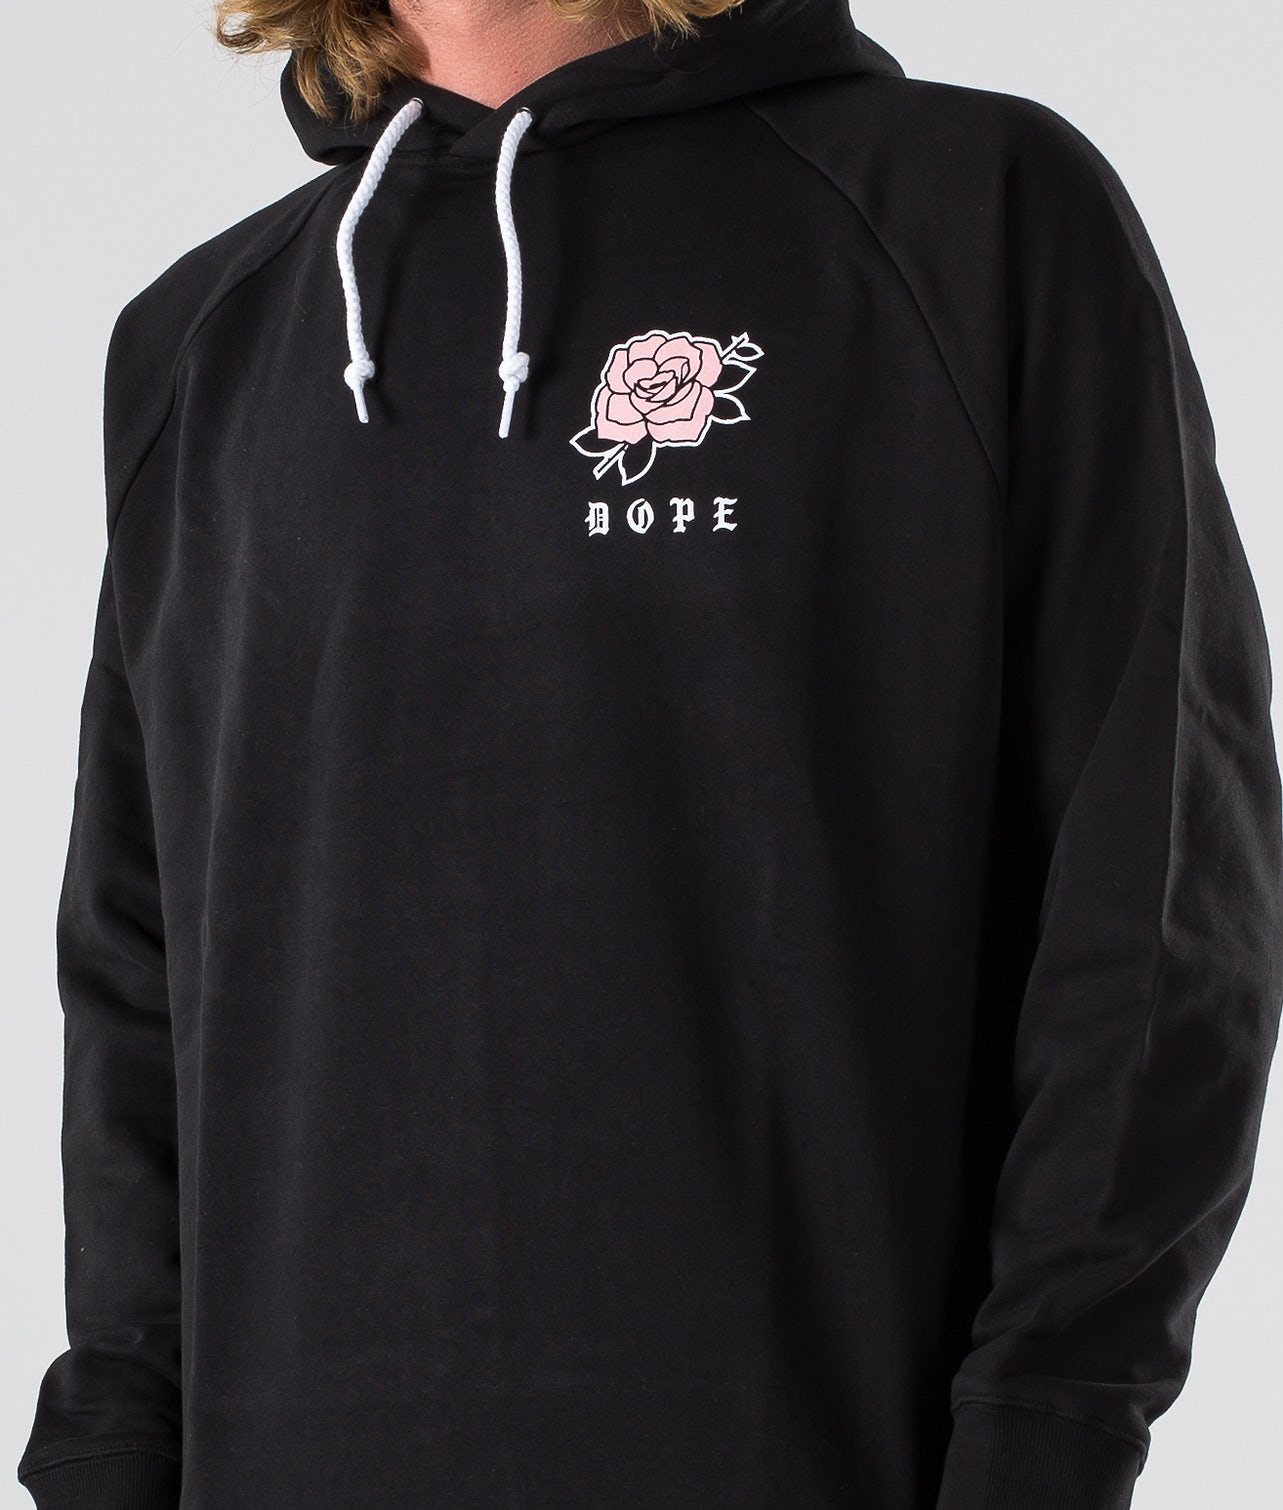 Kjøp Rose Hood fra Dope på Ridestore.no - Hos oss har du alltid fri frakt, fri retur og 30 dagers åpent kjøp!